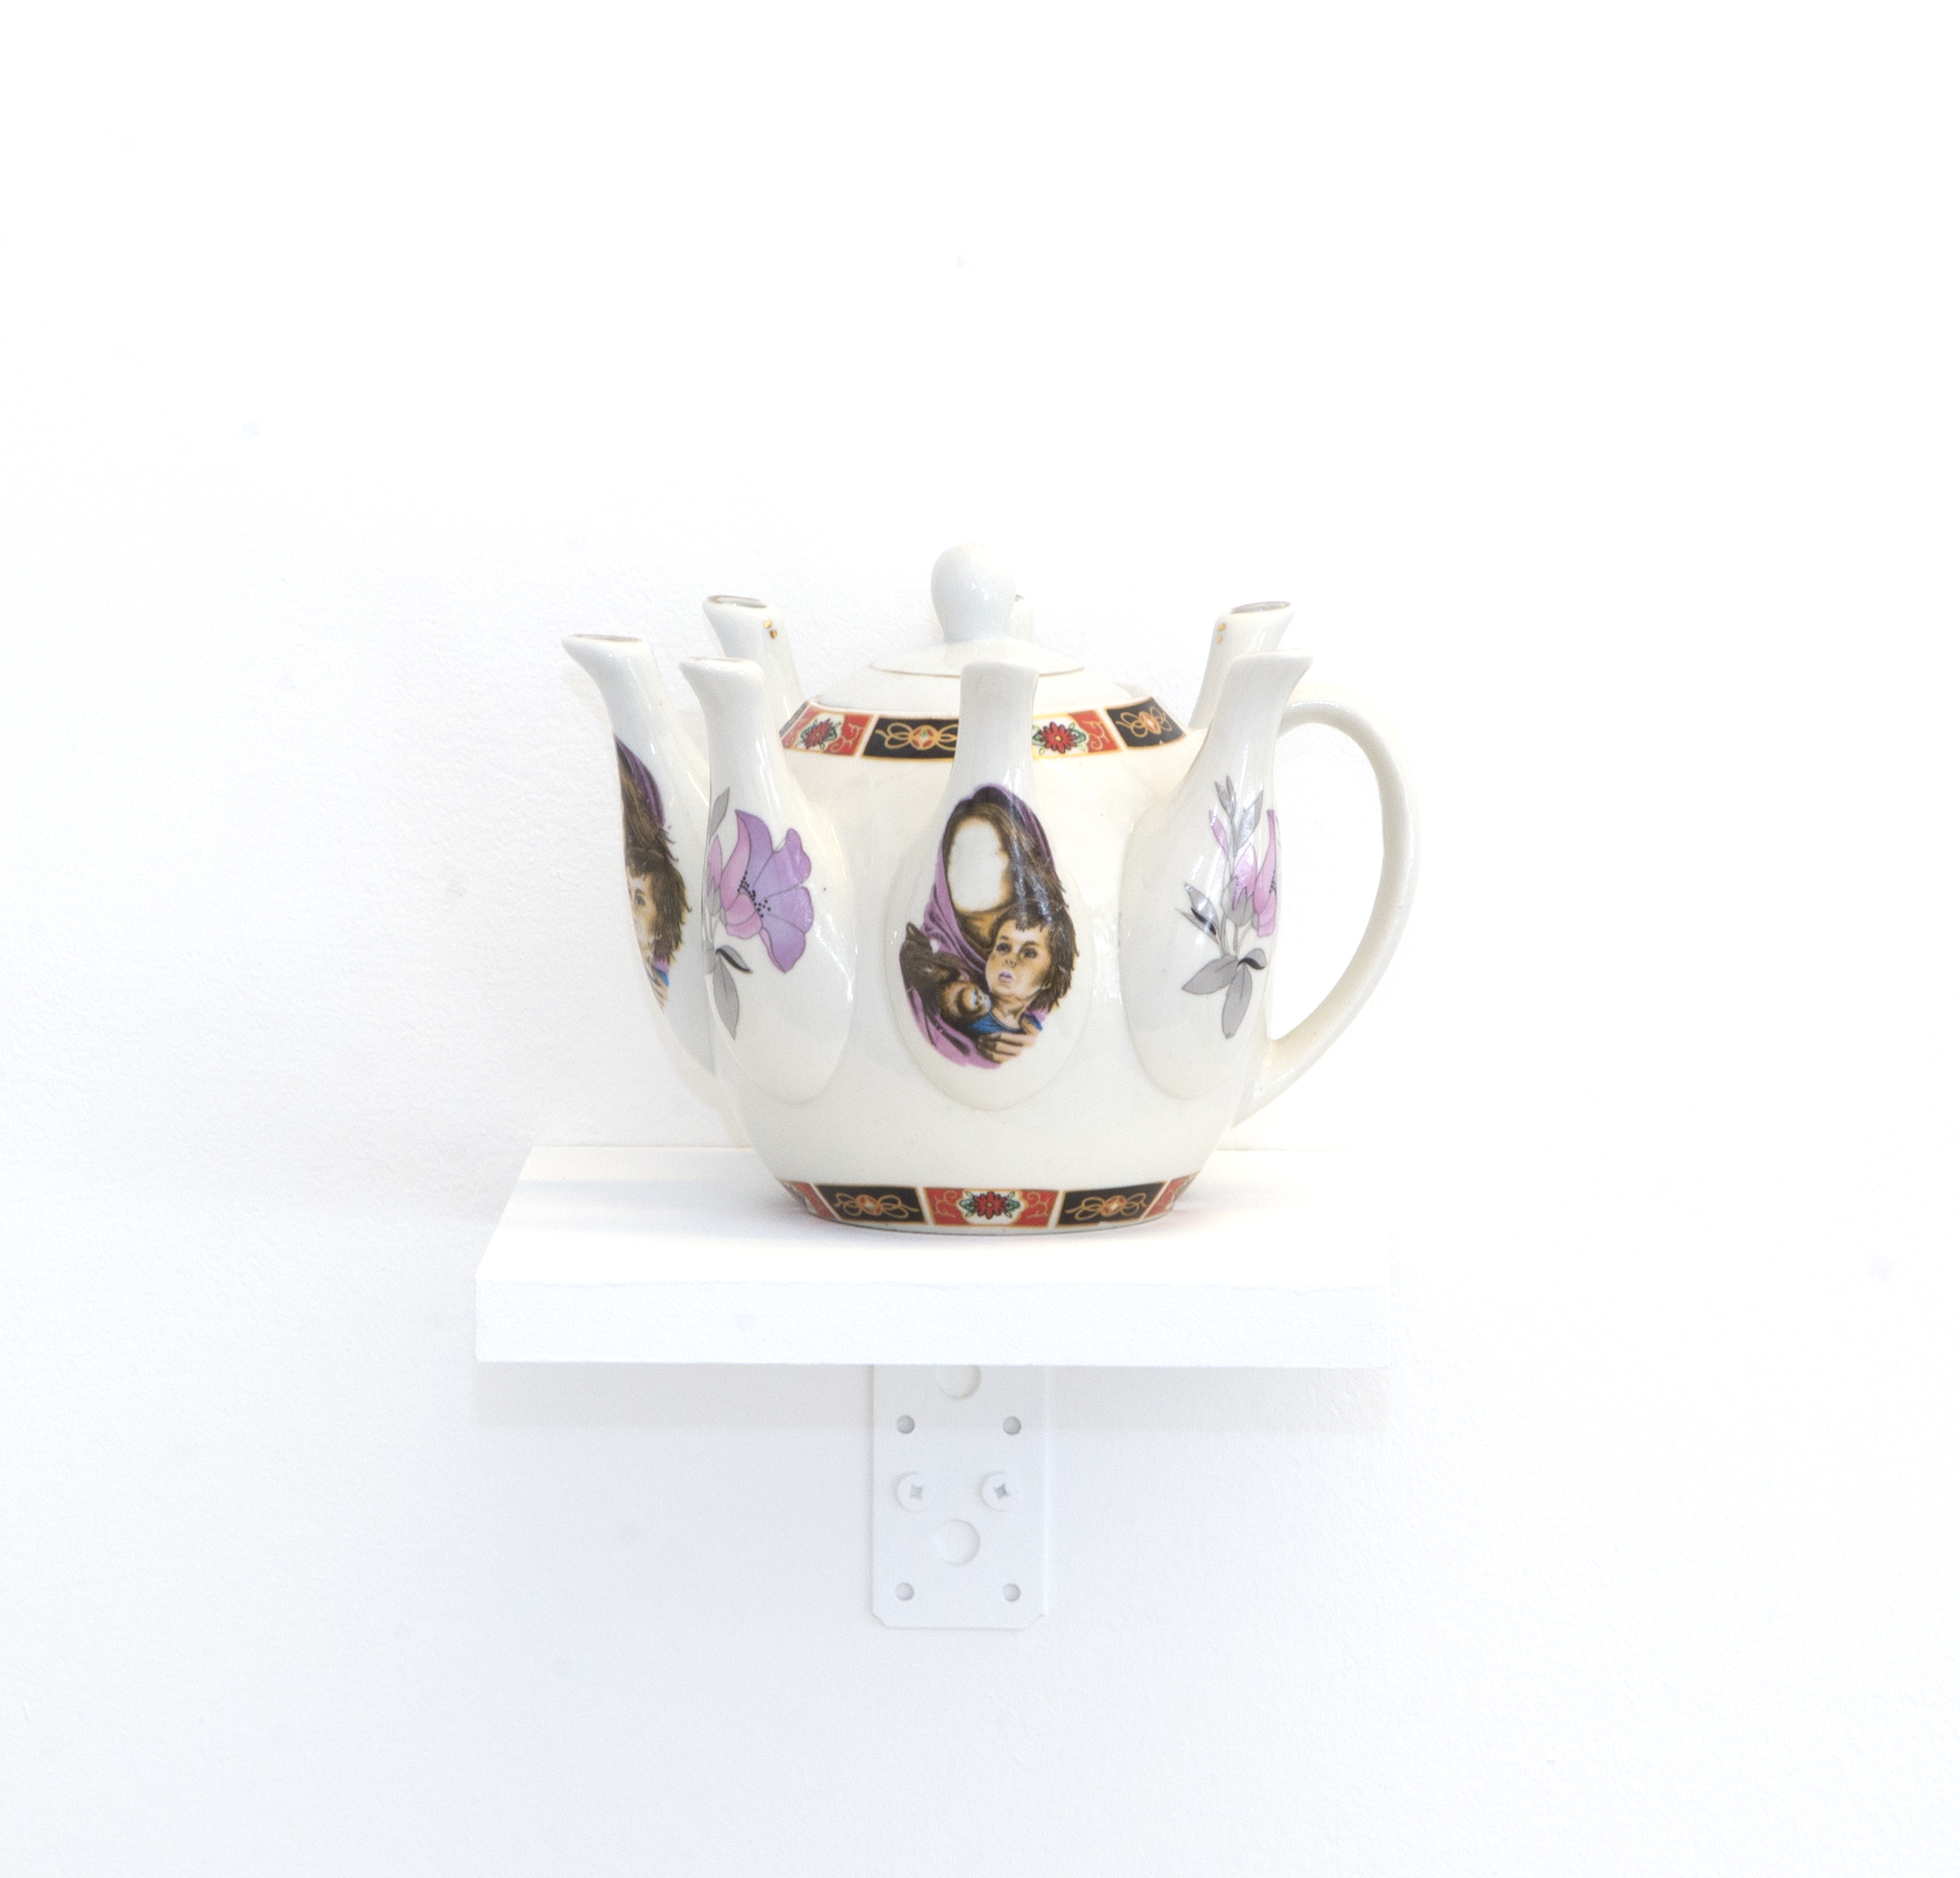 Alia Farid Détails de l'installation Between Dig and Display, 2017 Théière en porcelaine Oeuvre unique Courtesy de l'artiste et Galerie Imane Farès